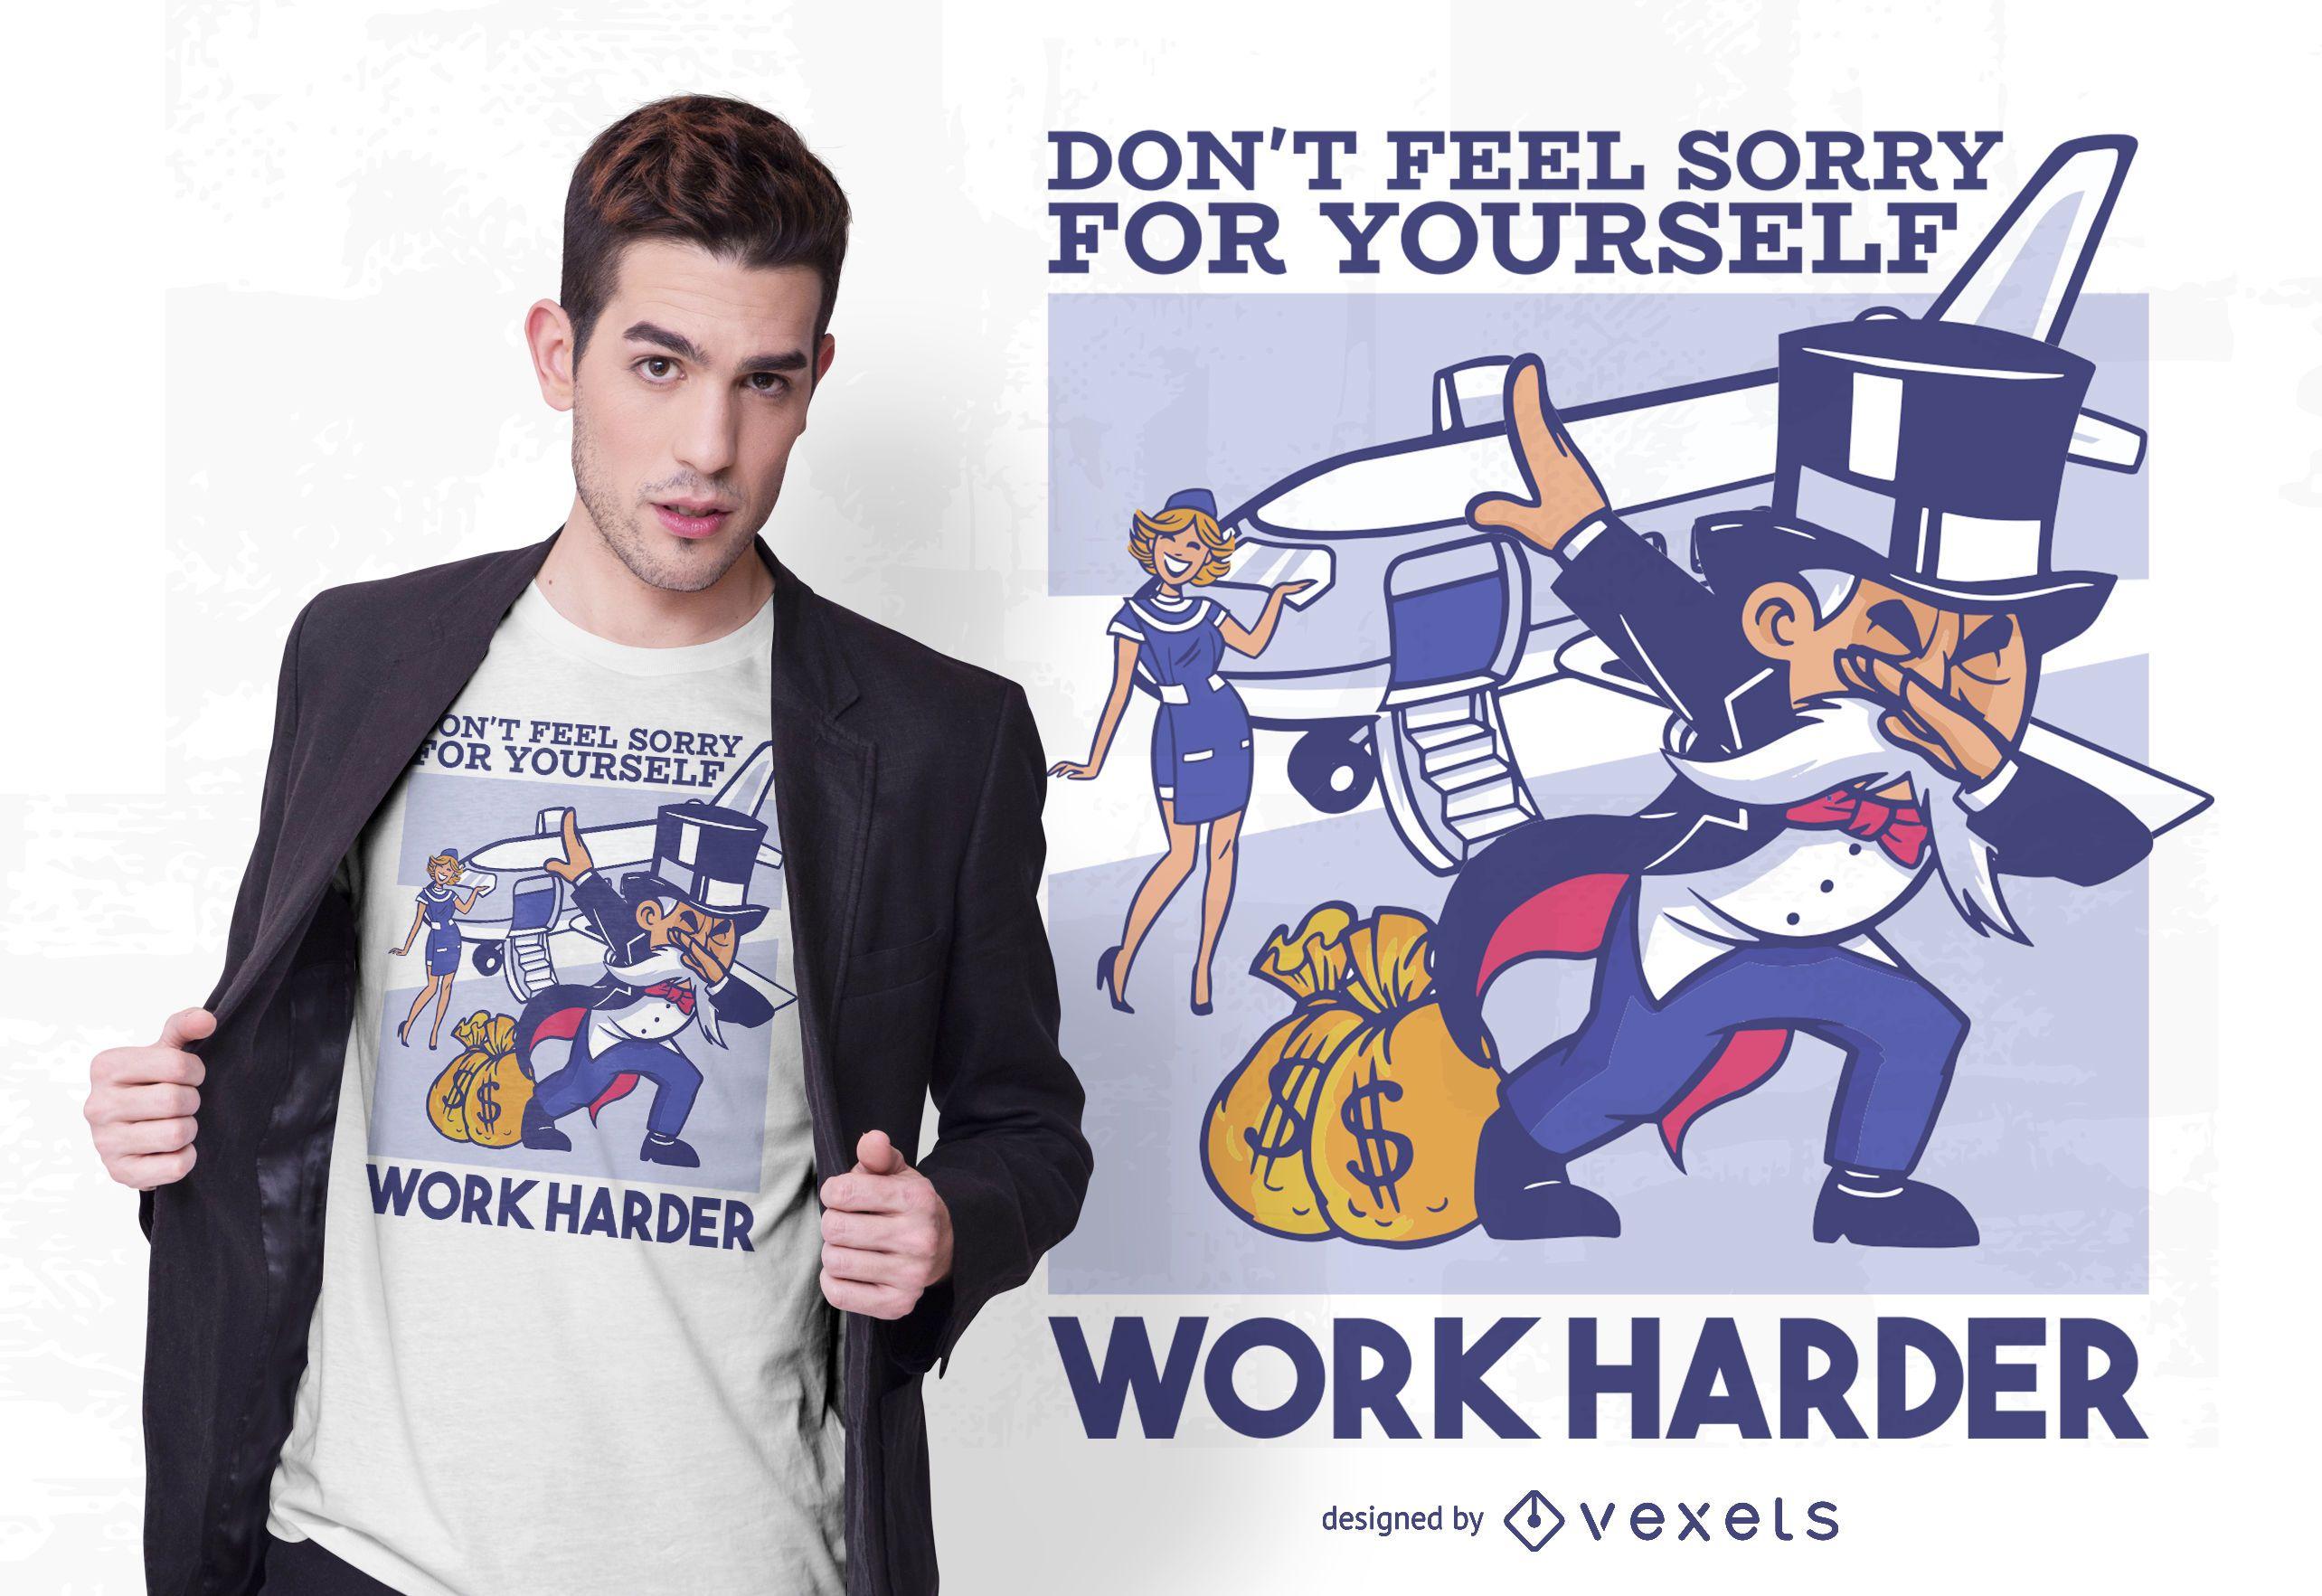 Trabaja más duro diseño de camiseta